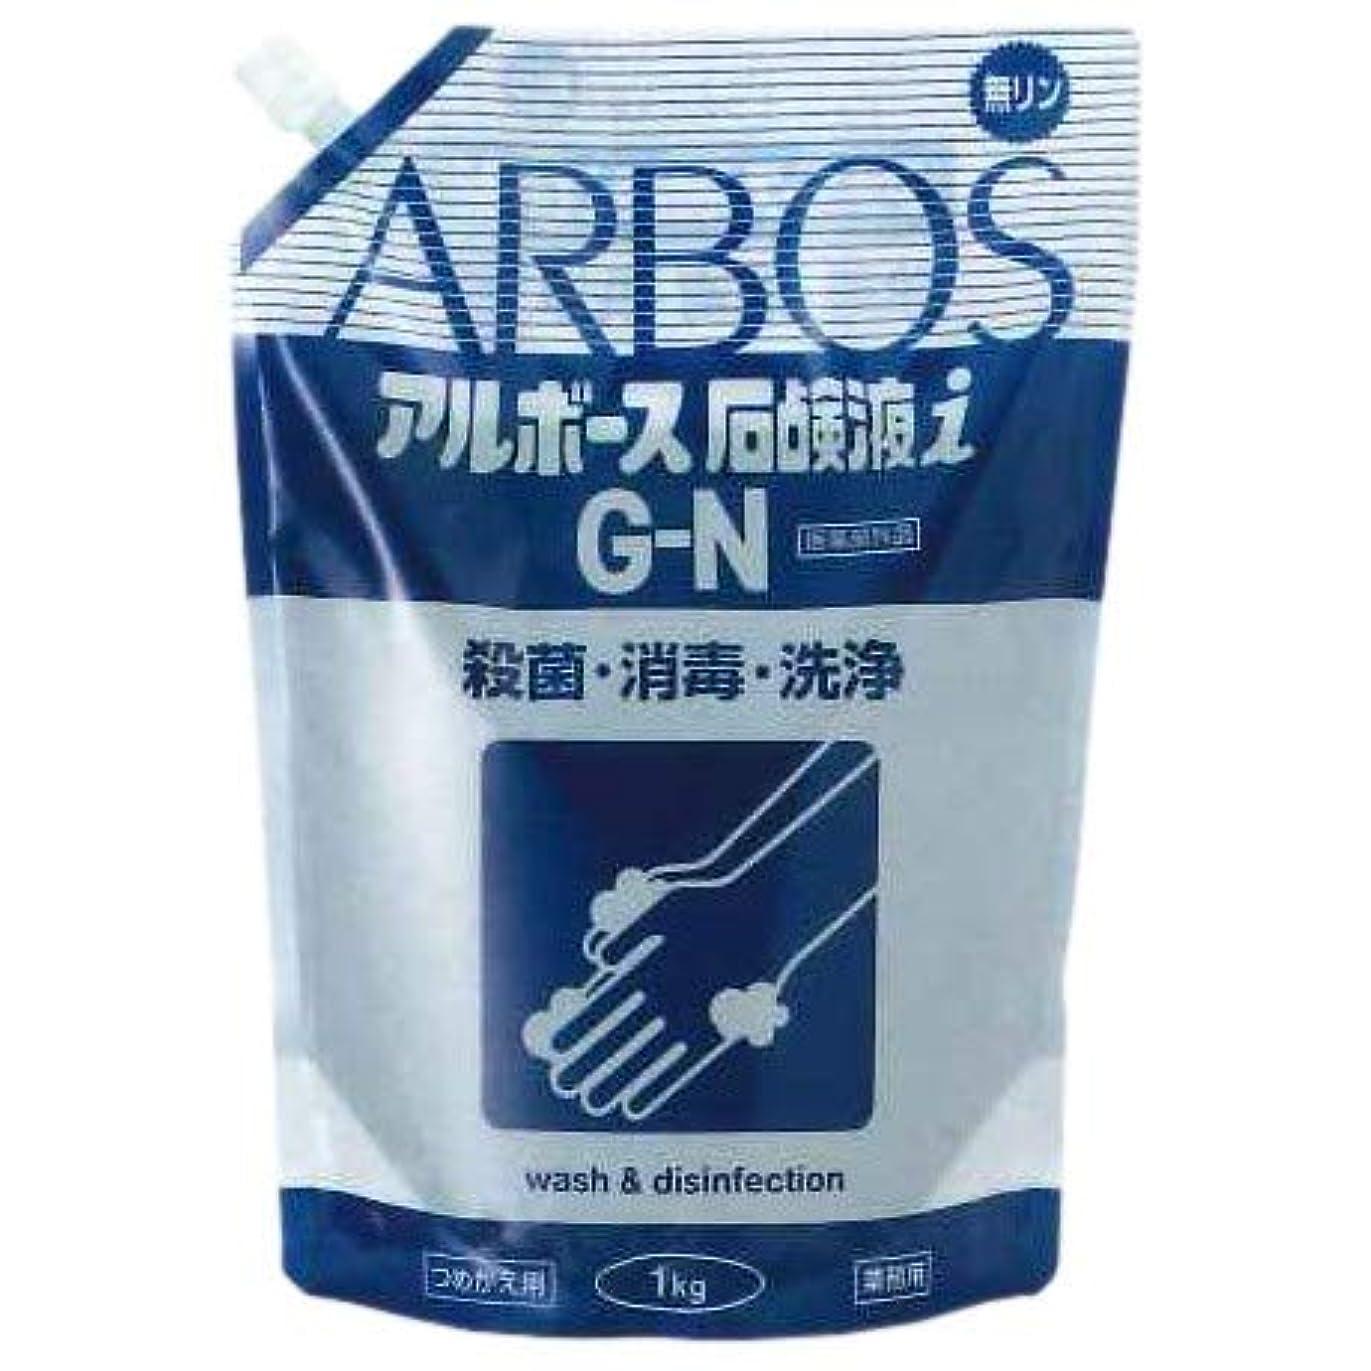 踏み台不格好爪アルボース 薬用ハンドソープ アルボース石鹸液i G-N 濃縮タイプ 1kg×18袋